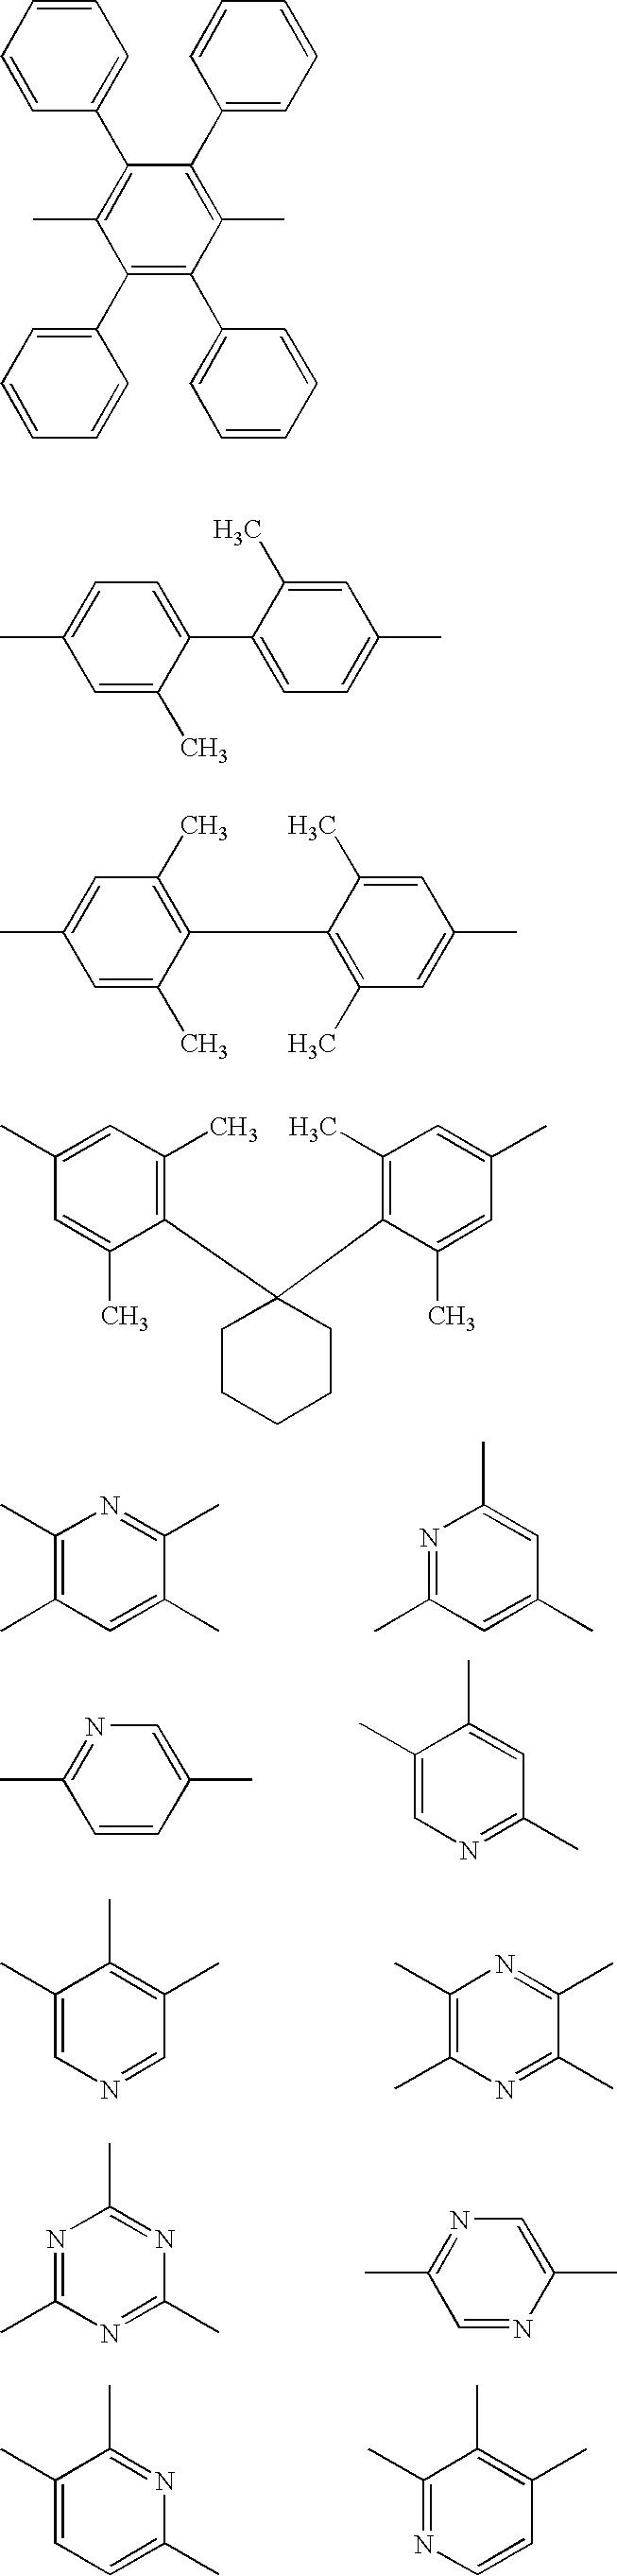 Figure US20060134464A1-20060622-C00020